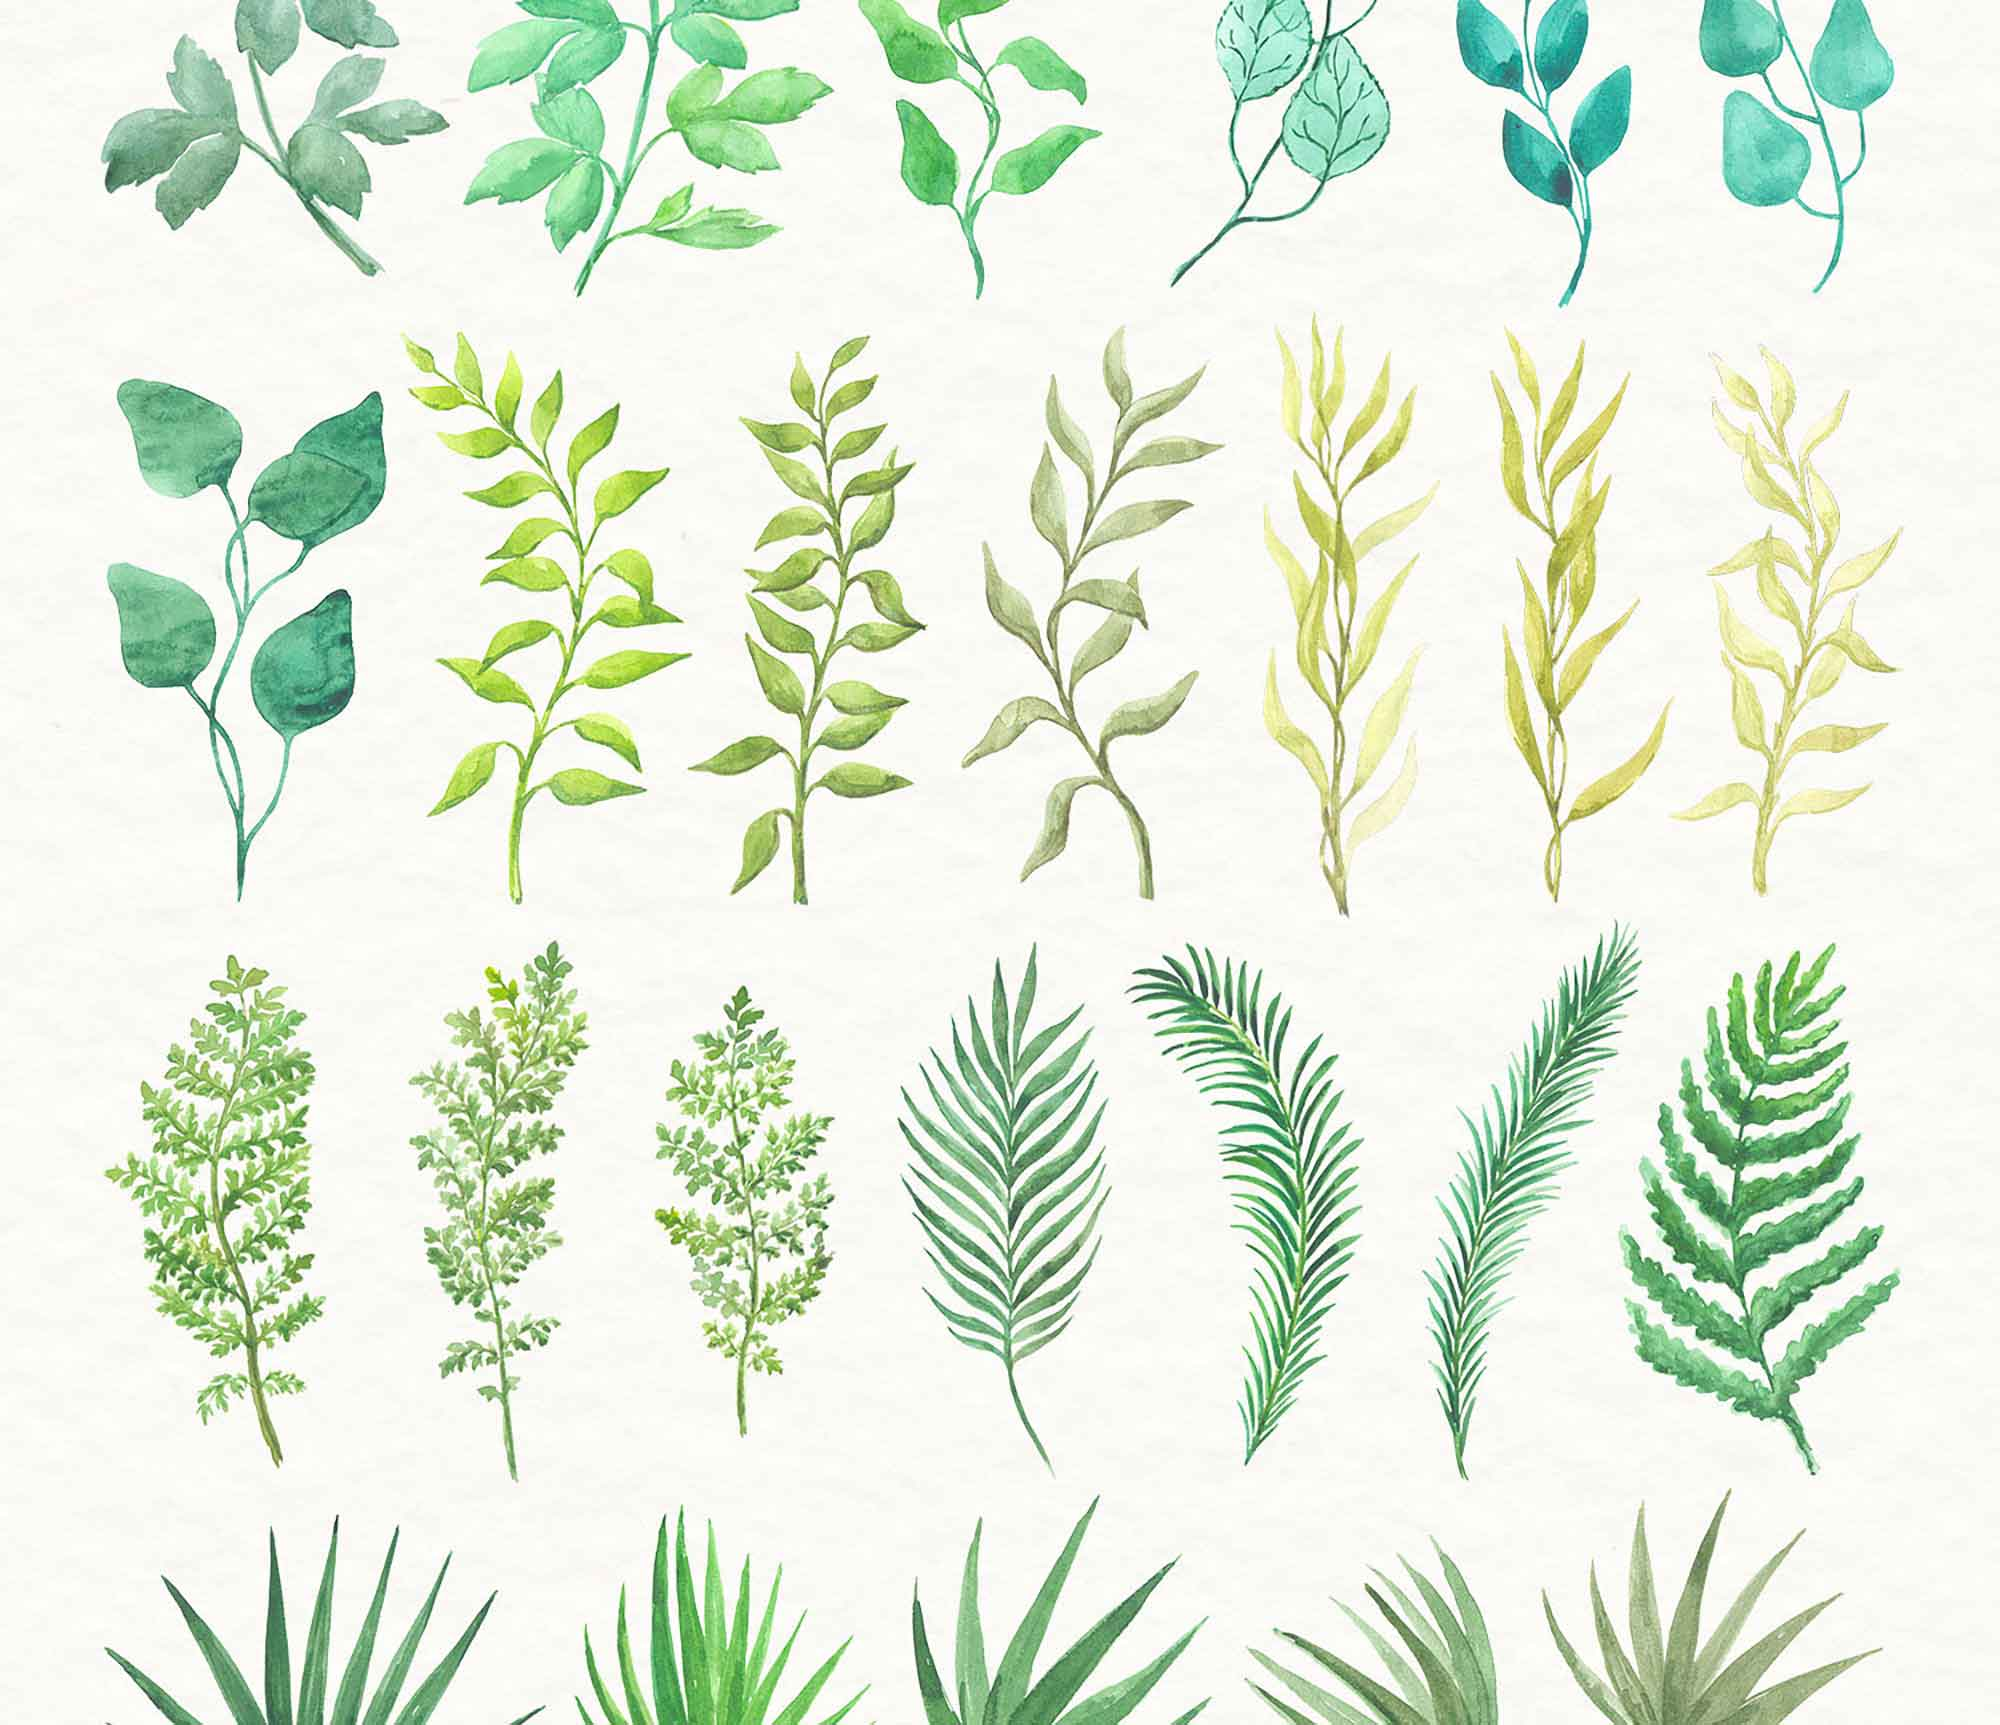 Watercolor Floral Elements 3